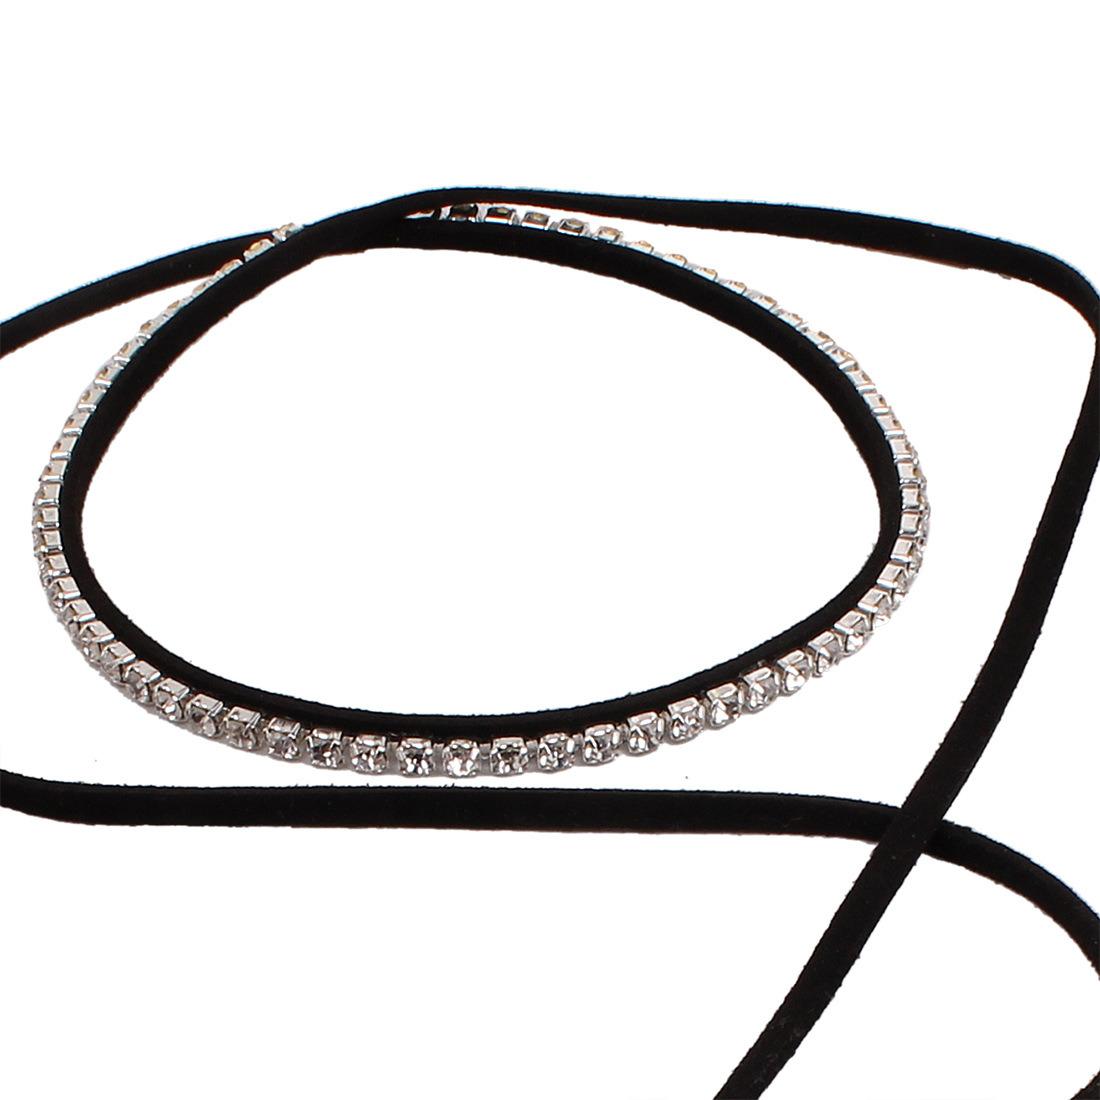 Fashion PU Leather Diamond Rhinestone Crystal Choker Necklace Jewelry